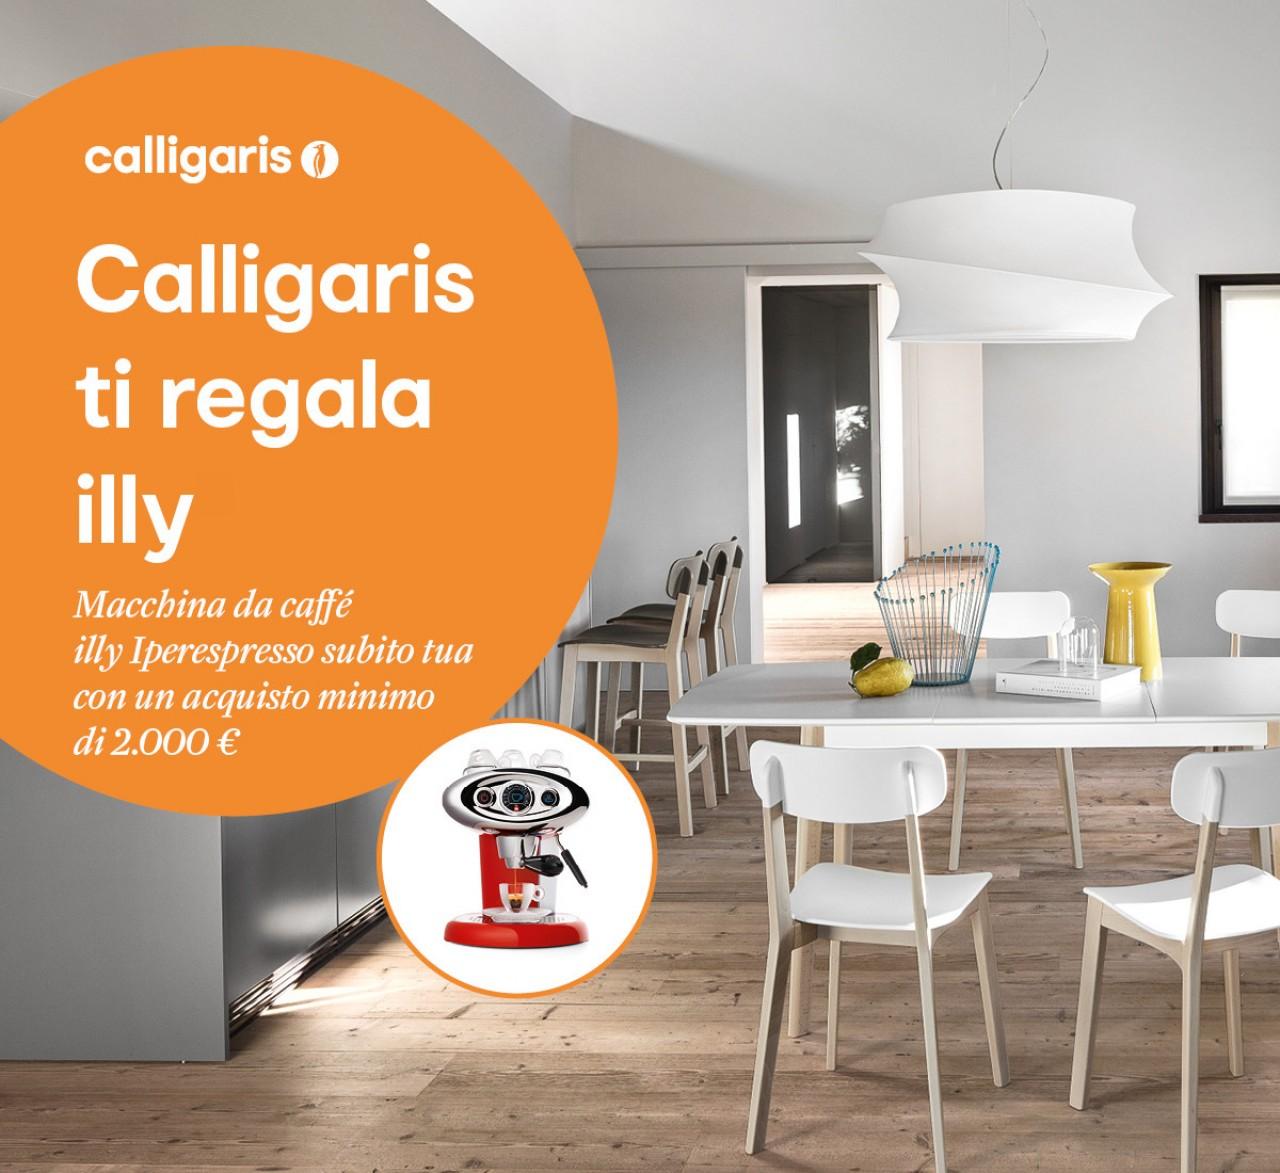 Calligaris ti regala illy offerte mobili torino for Offerte regalo mobili